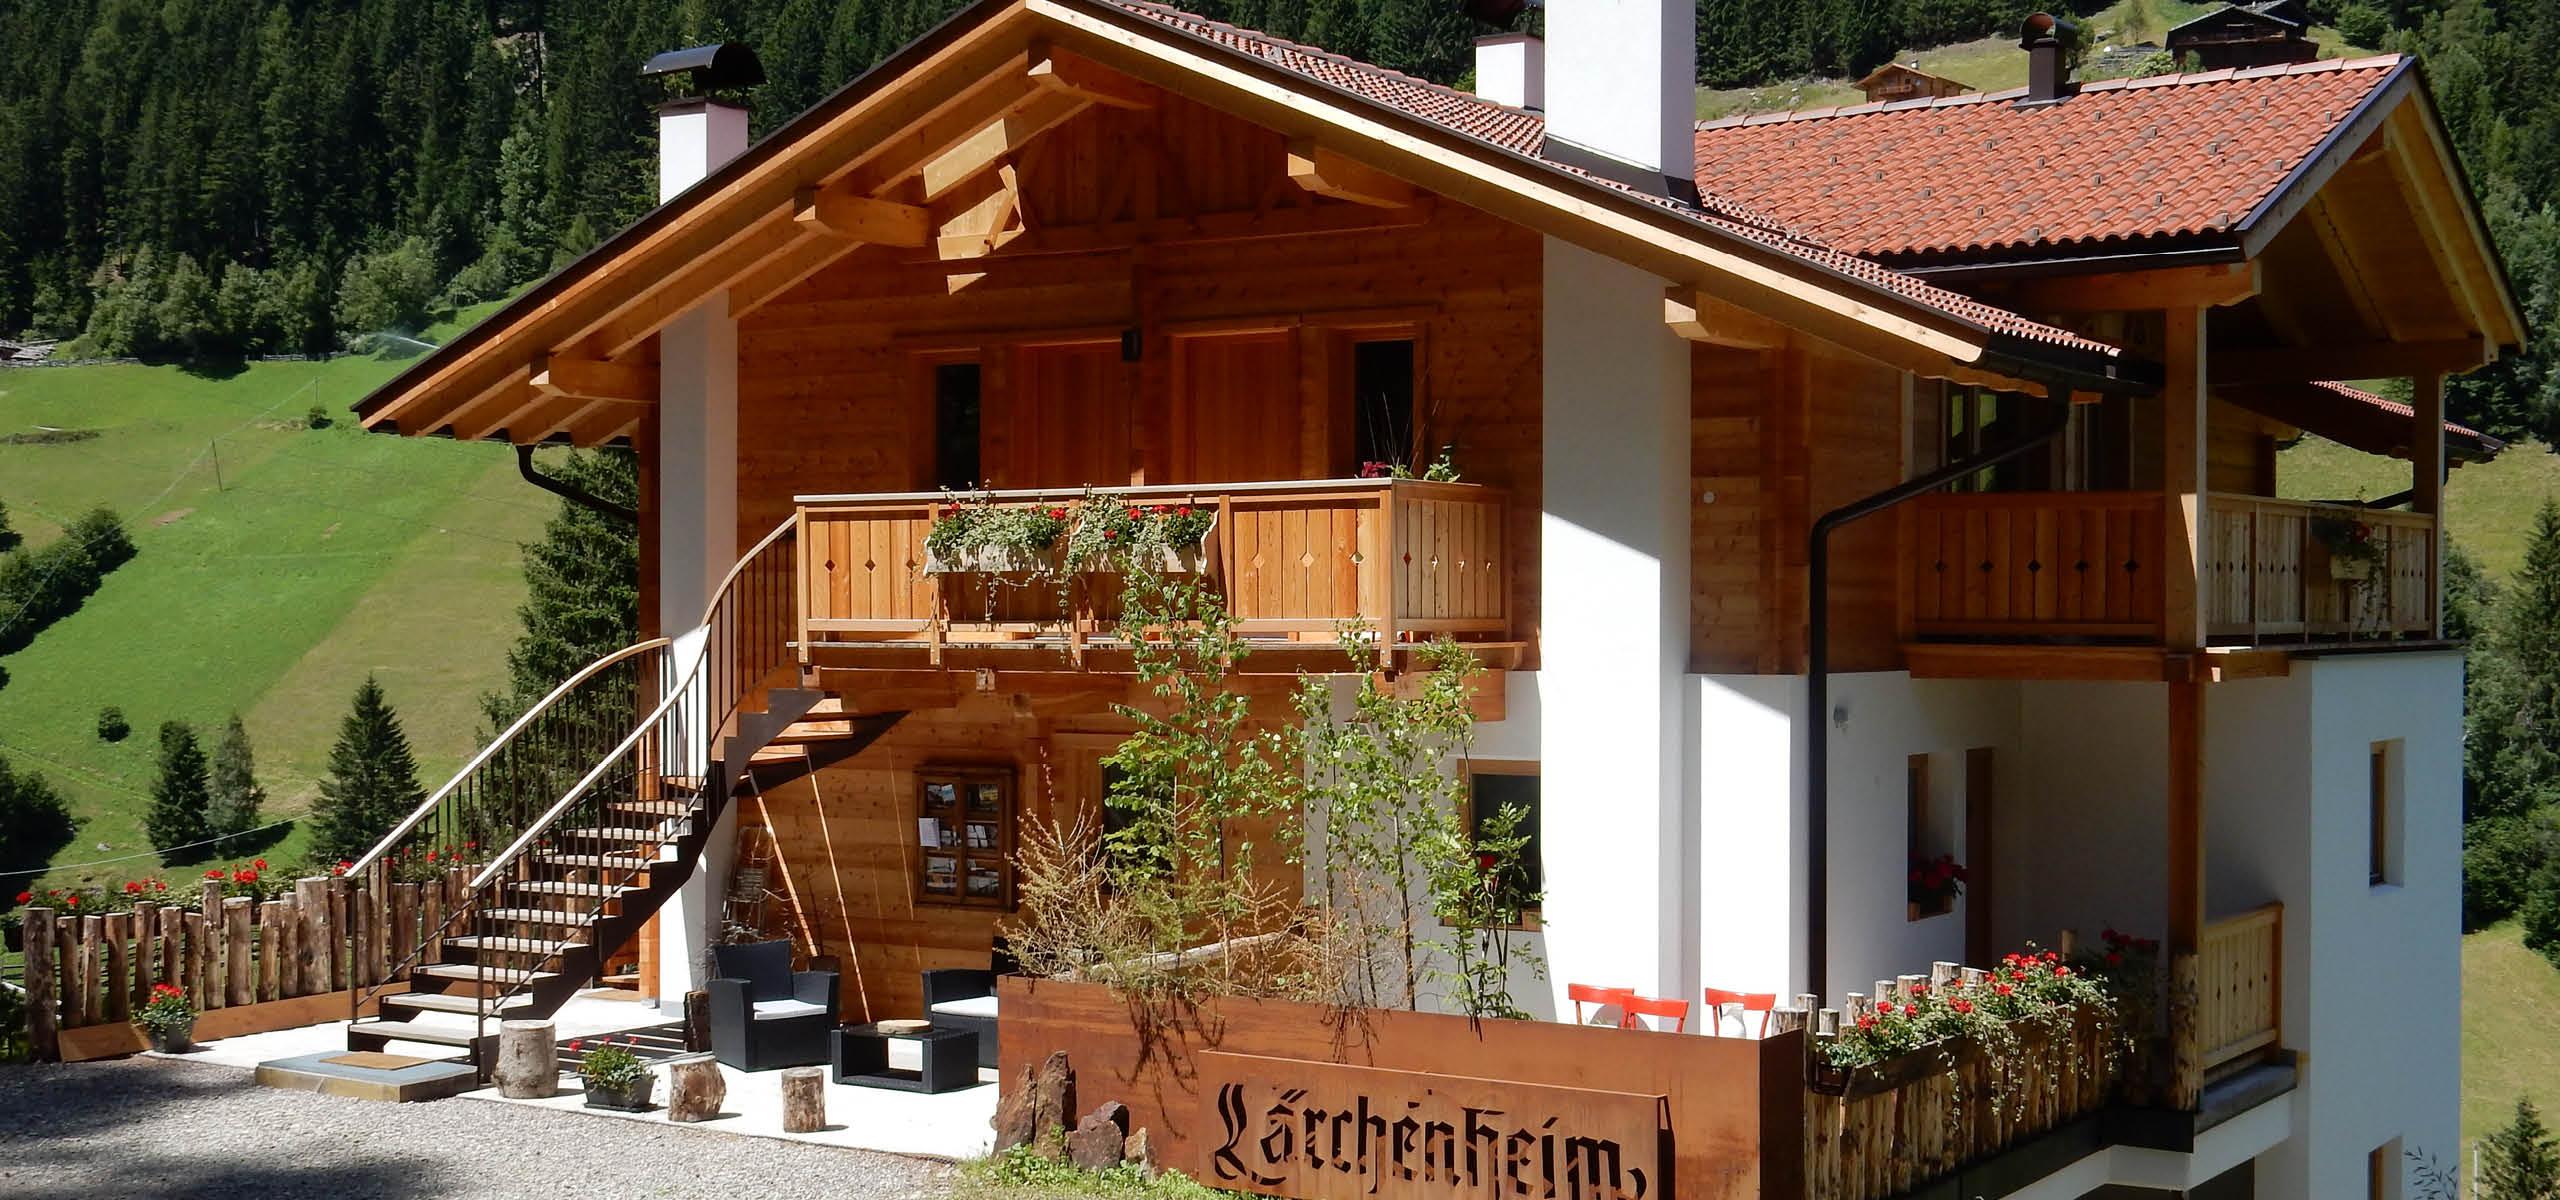 Casa vacanza alto adige nelle dolomiti appartamenti in for Mezza pensione bressanone